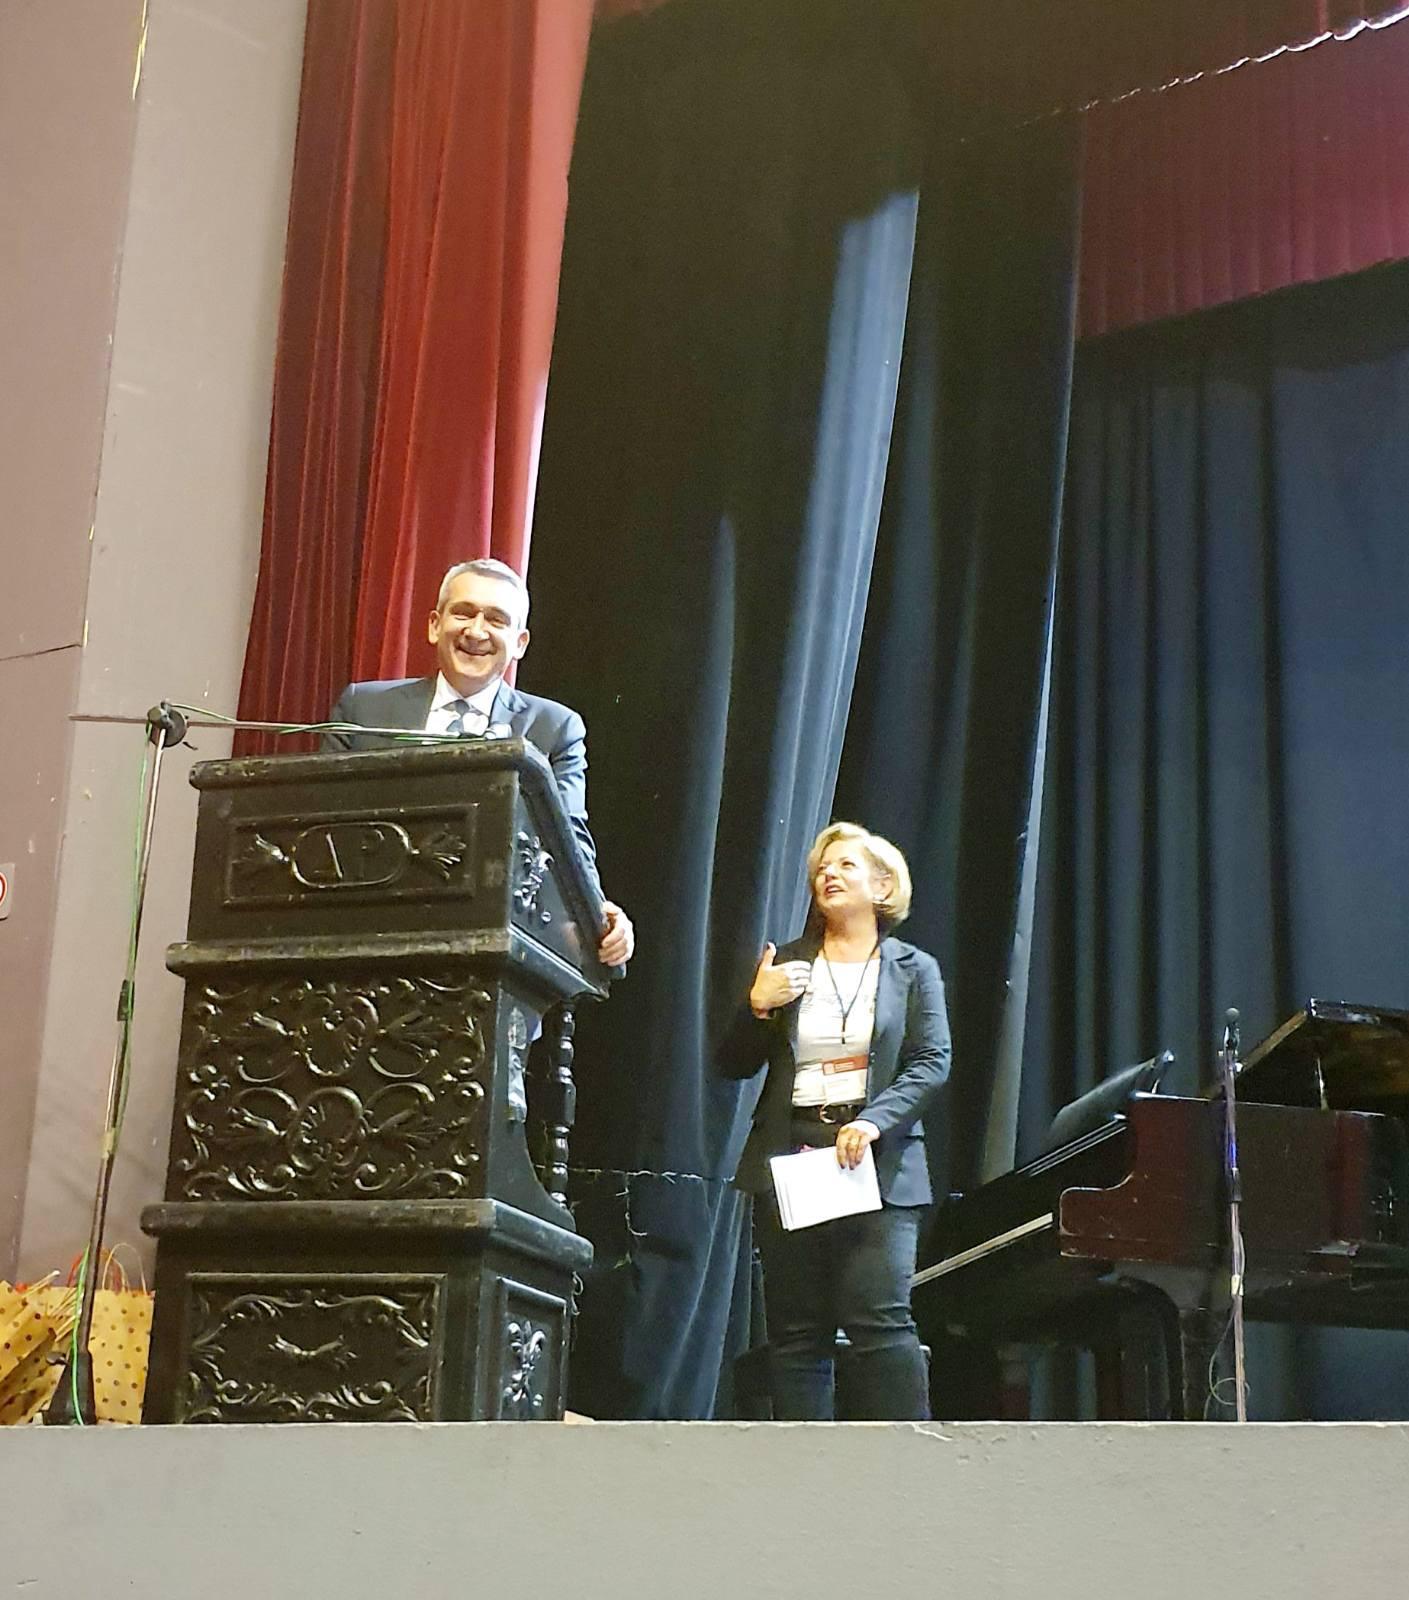 Περιφερειάρχης Νοτίου Αιγαίου, Γιώργος Χατζημάρκος στο Πανελλήνιο Συνέδριο Ξεναγών